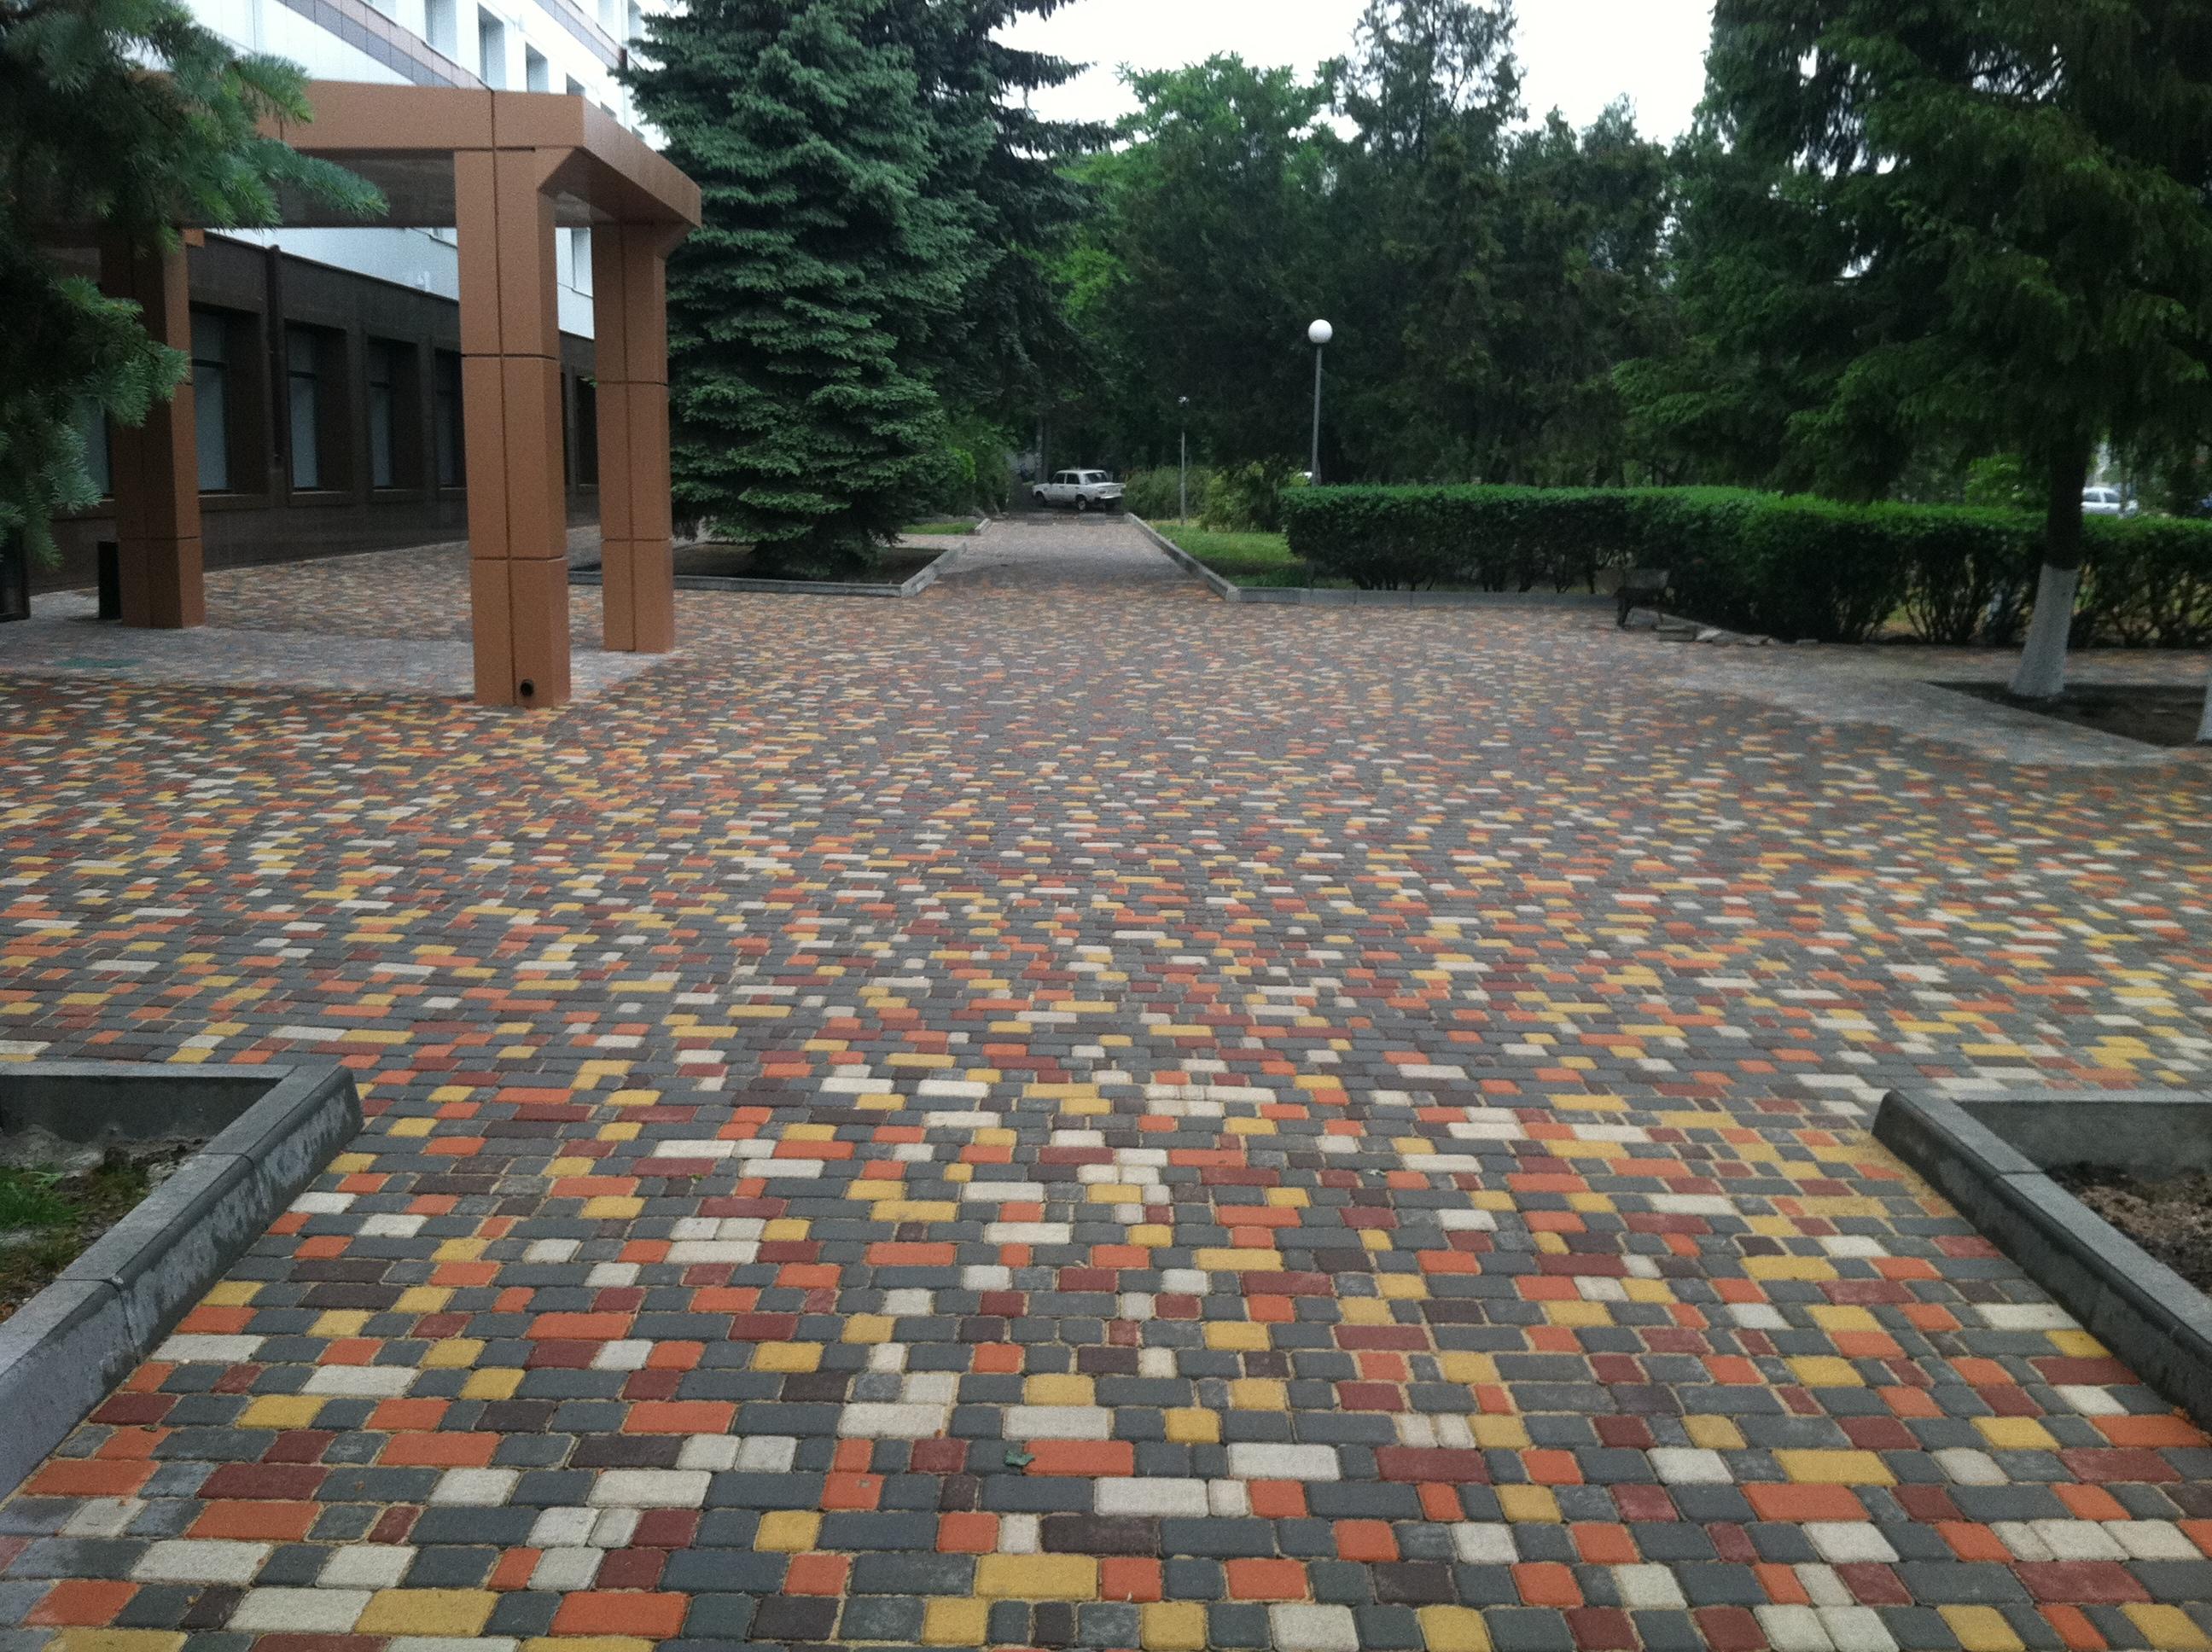 Варианты укладки тротуарной плитки - фото, виды и схемы